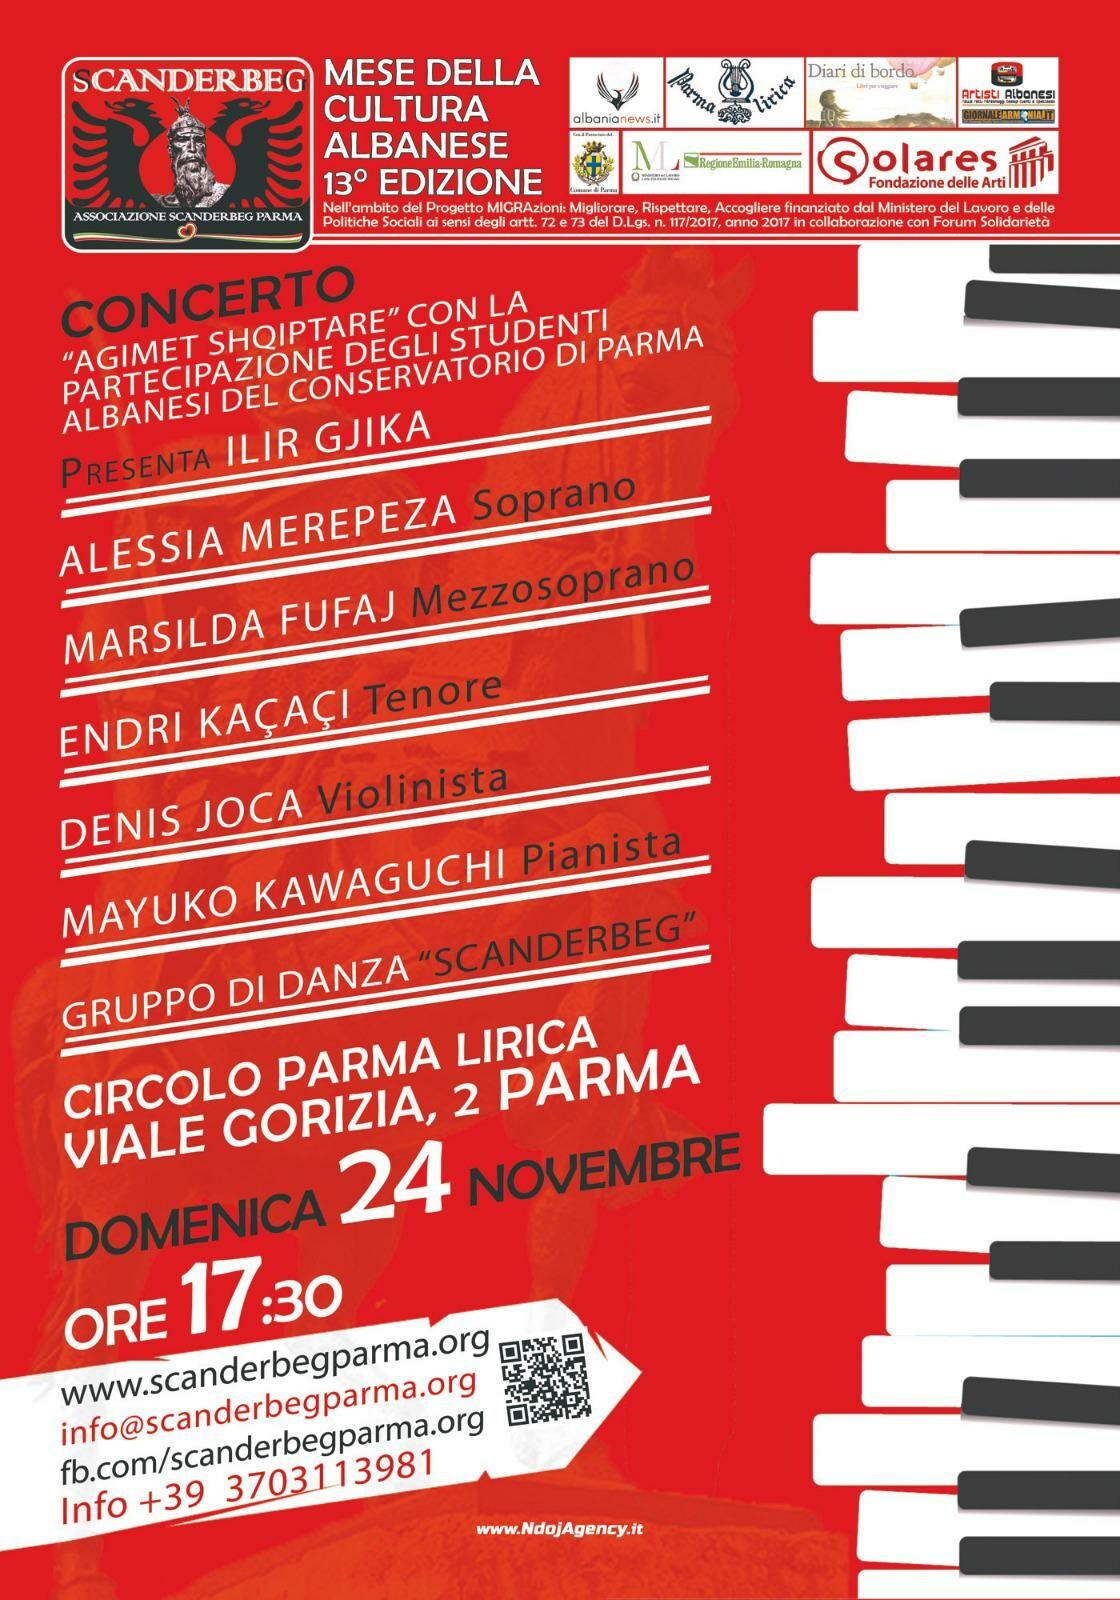 Mese della cultura albanese: concerto  anche degli studenti del Conservatorio di Parma e il gruppo di Danza Scanderbeg